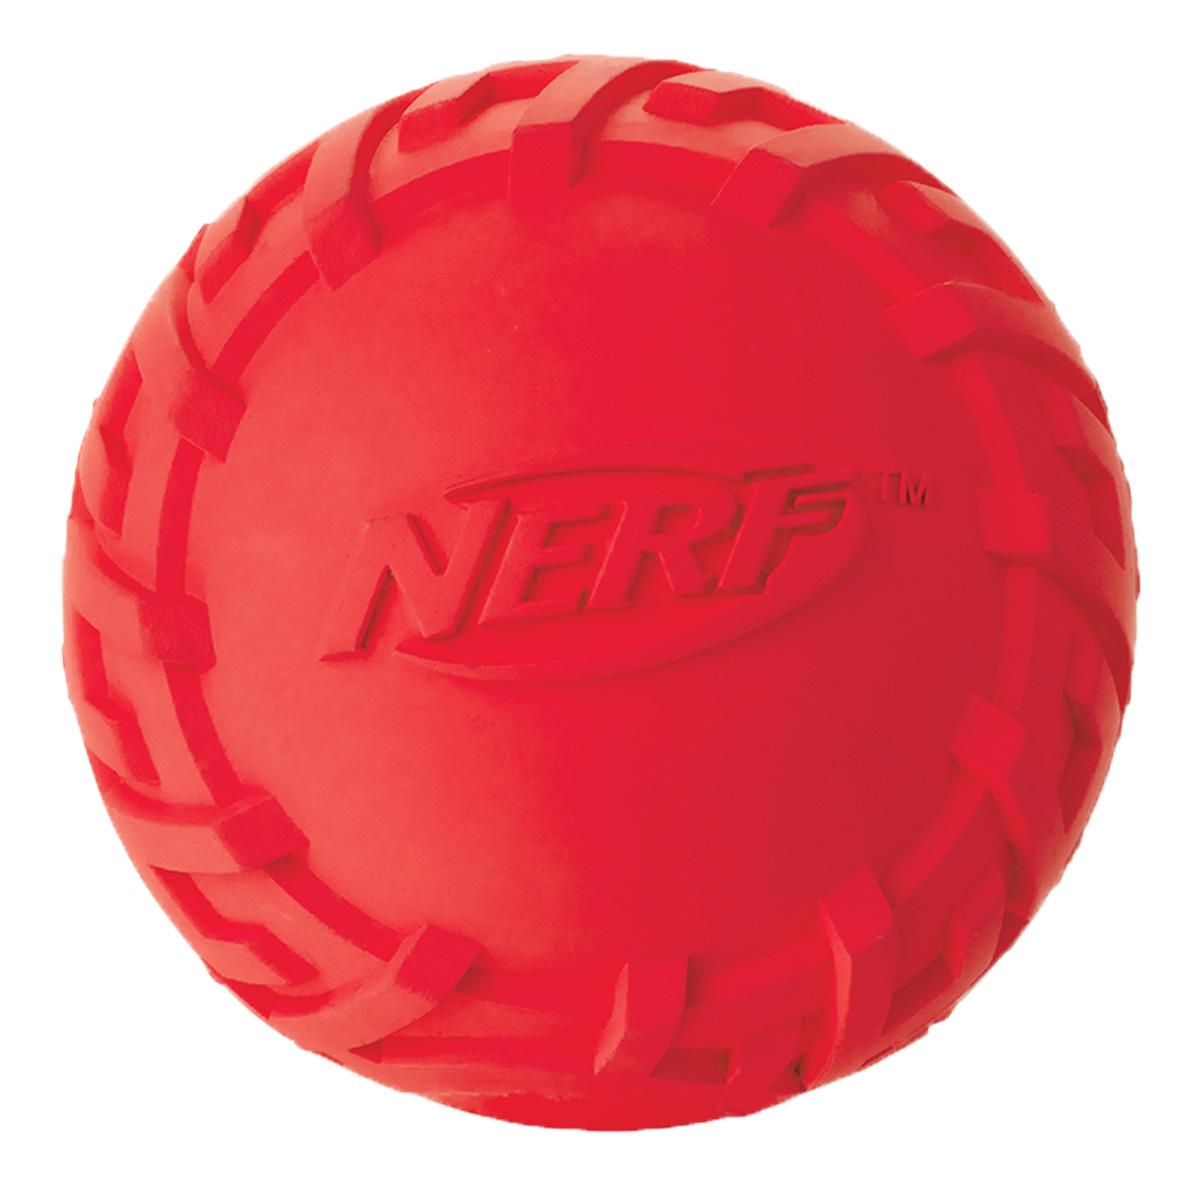 Игрушка для собак Nerf Мяч резиновый, пищащий, диаметр 7,5 см22422Мяч с уникальным рисунком протектора шины! Изготовлен из сверхпрочной резины, что обеспечивает долговечность использования! Подходит для собак с самой мощной челюстью! С пищалкой! Яркие привлекательные цвета! Игрушки Nerf Dog представлены в различных сериях в зависимости от рисунка, фактуры и материала, из которого они изготовлены (резина, ТПР, нейлон, пластик, каучук). Размер: 7,5 см, M.